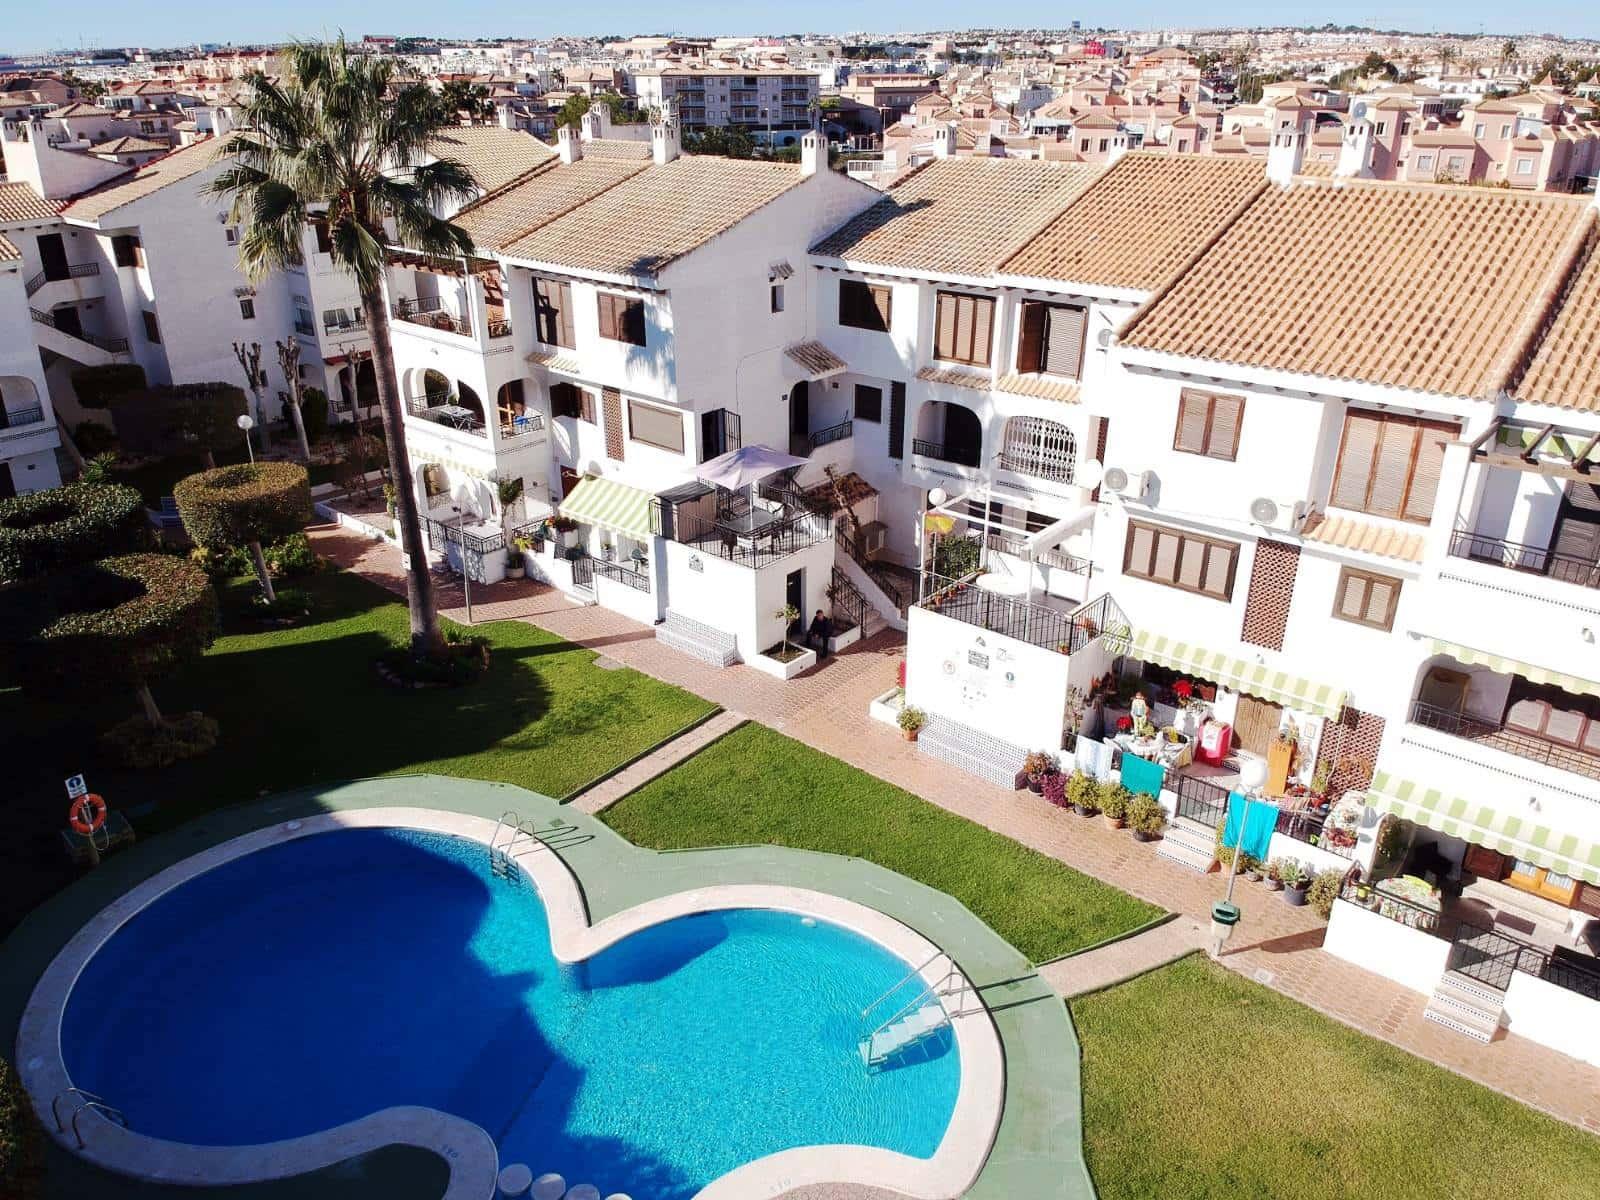 Apartamento de 2 habitaciones en Playa Flamenca en venta con piscina - 130.000 € (Ref: 4860464)